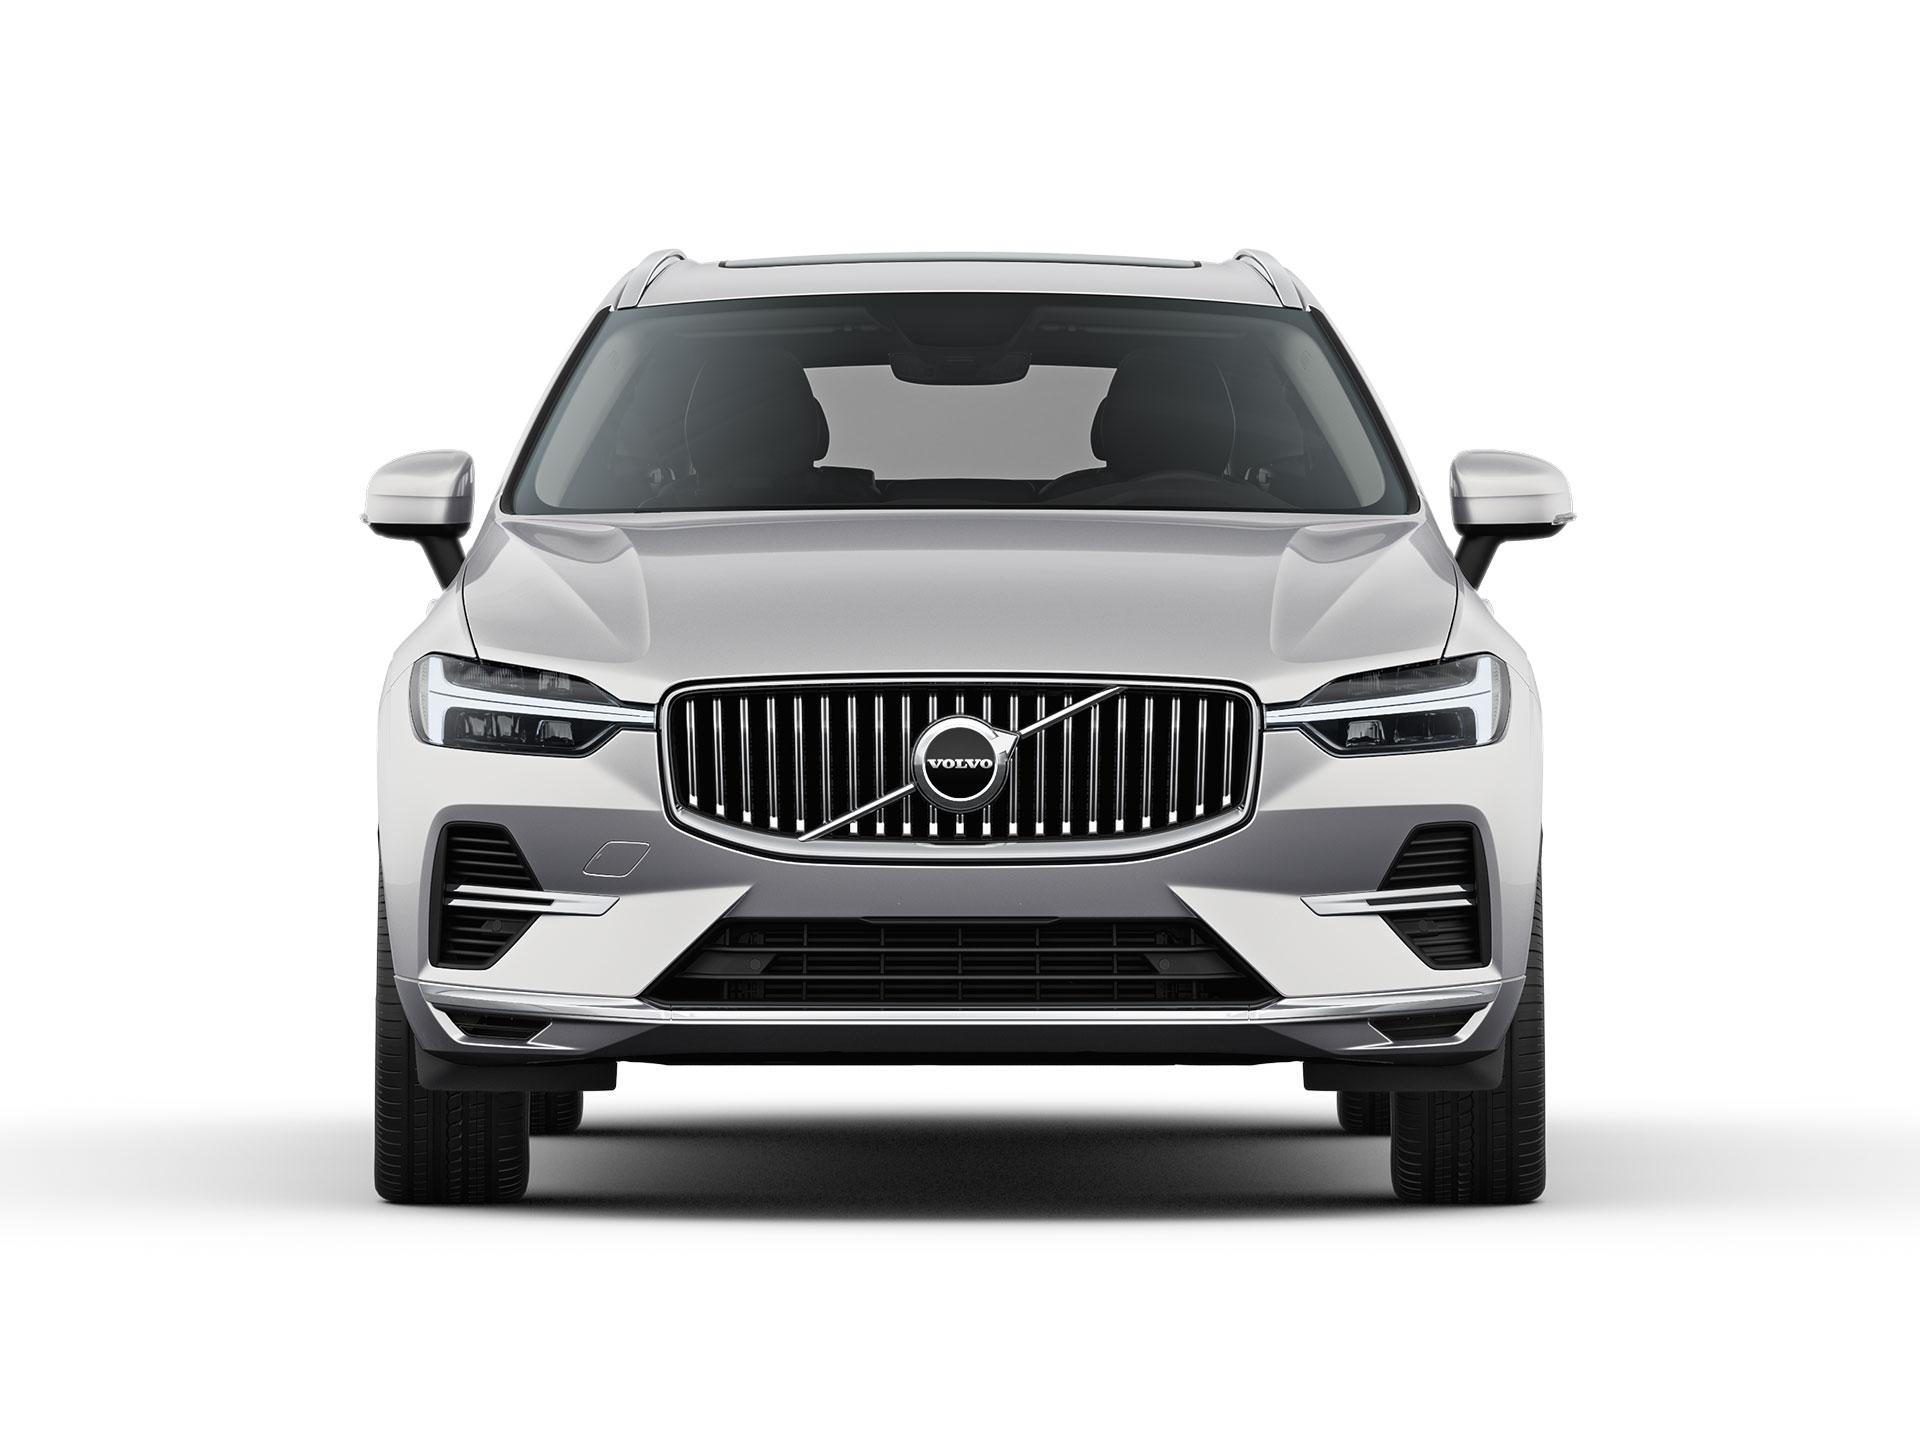 Valkoisen Volvo XC60 Recharge -lataushybridi-SUV:n etuosa.